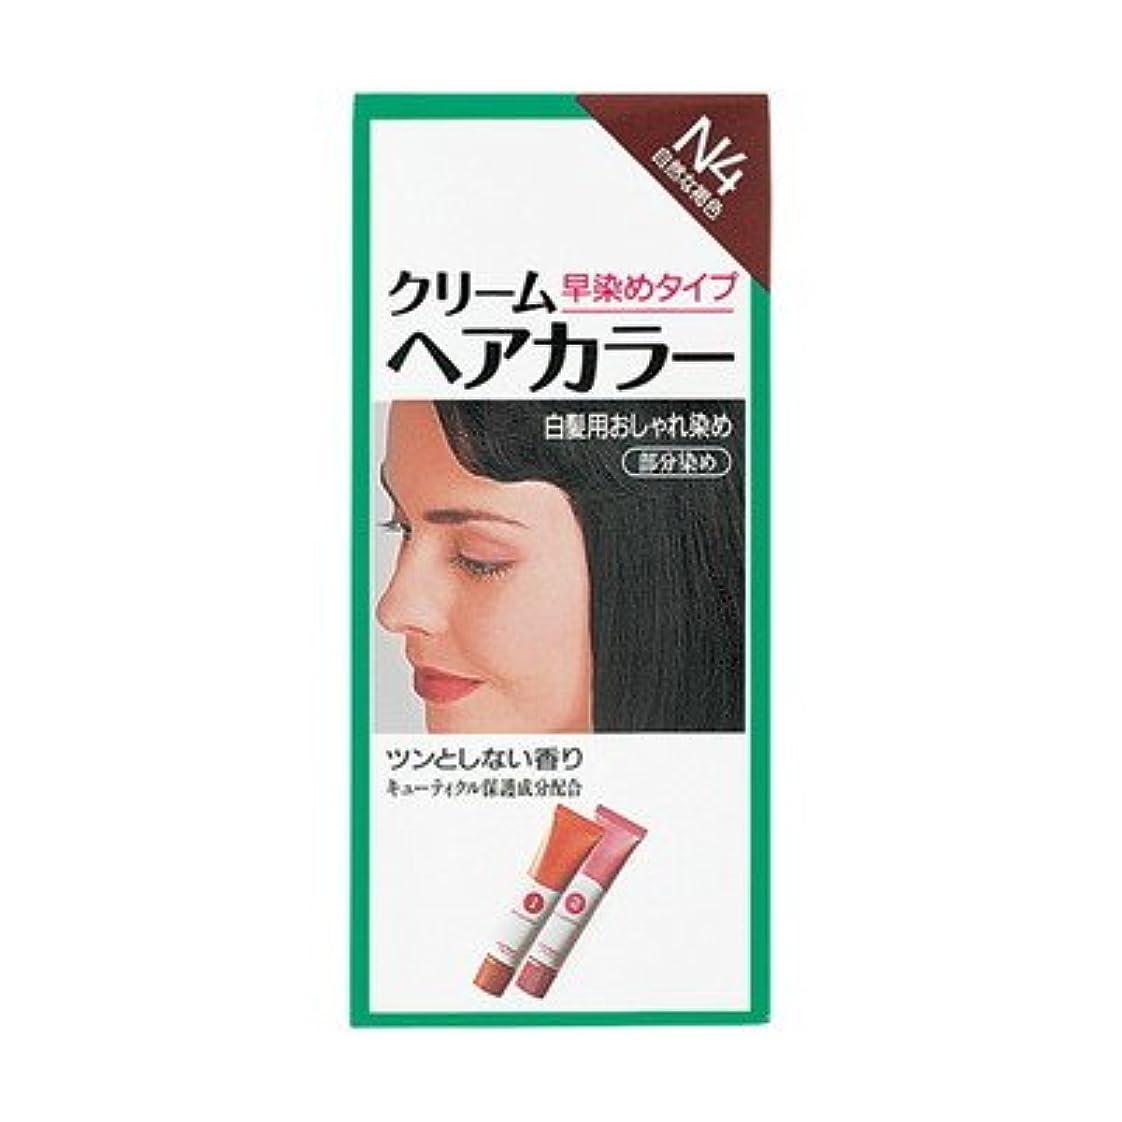 資生堂 ヘアカラー クリームヘアカラーN N4 自然な褐色【2個セット】